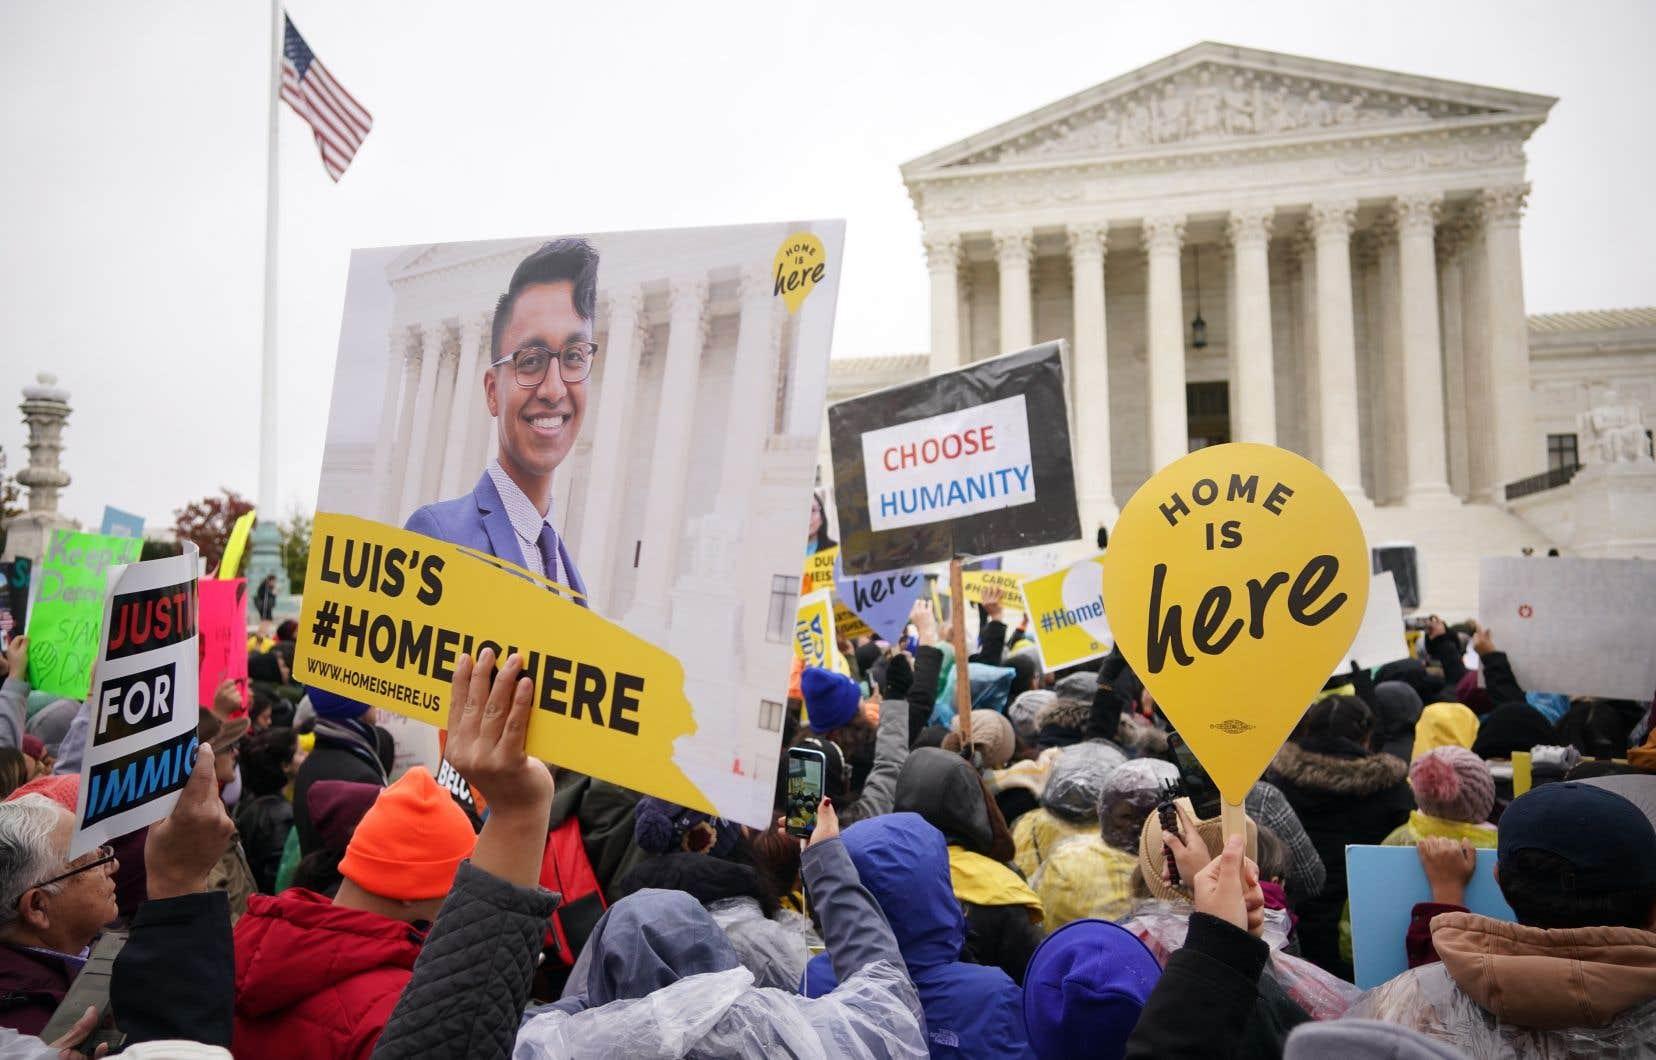 Des manifestants opposés à l'abolition du programme DACA ont fait entendre leur point de vue, mardi, devant la Cour suprême des États-Unis.